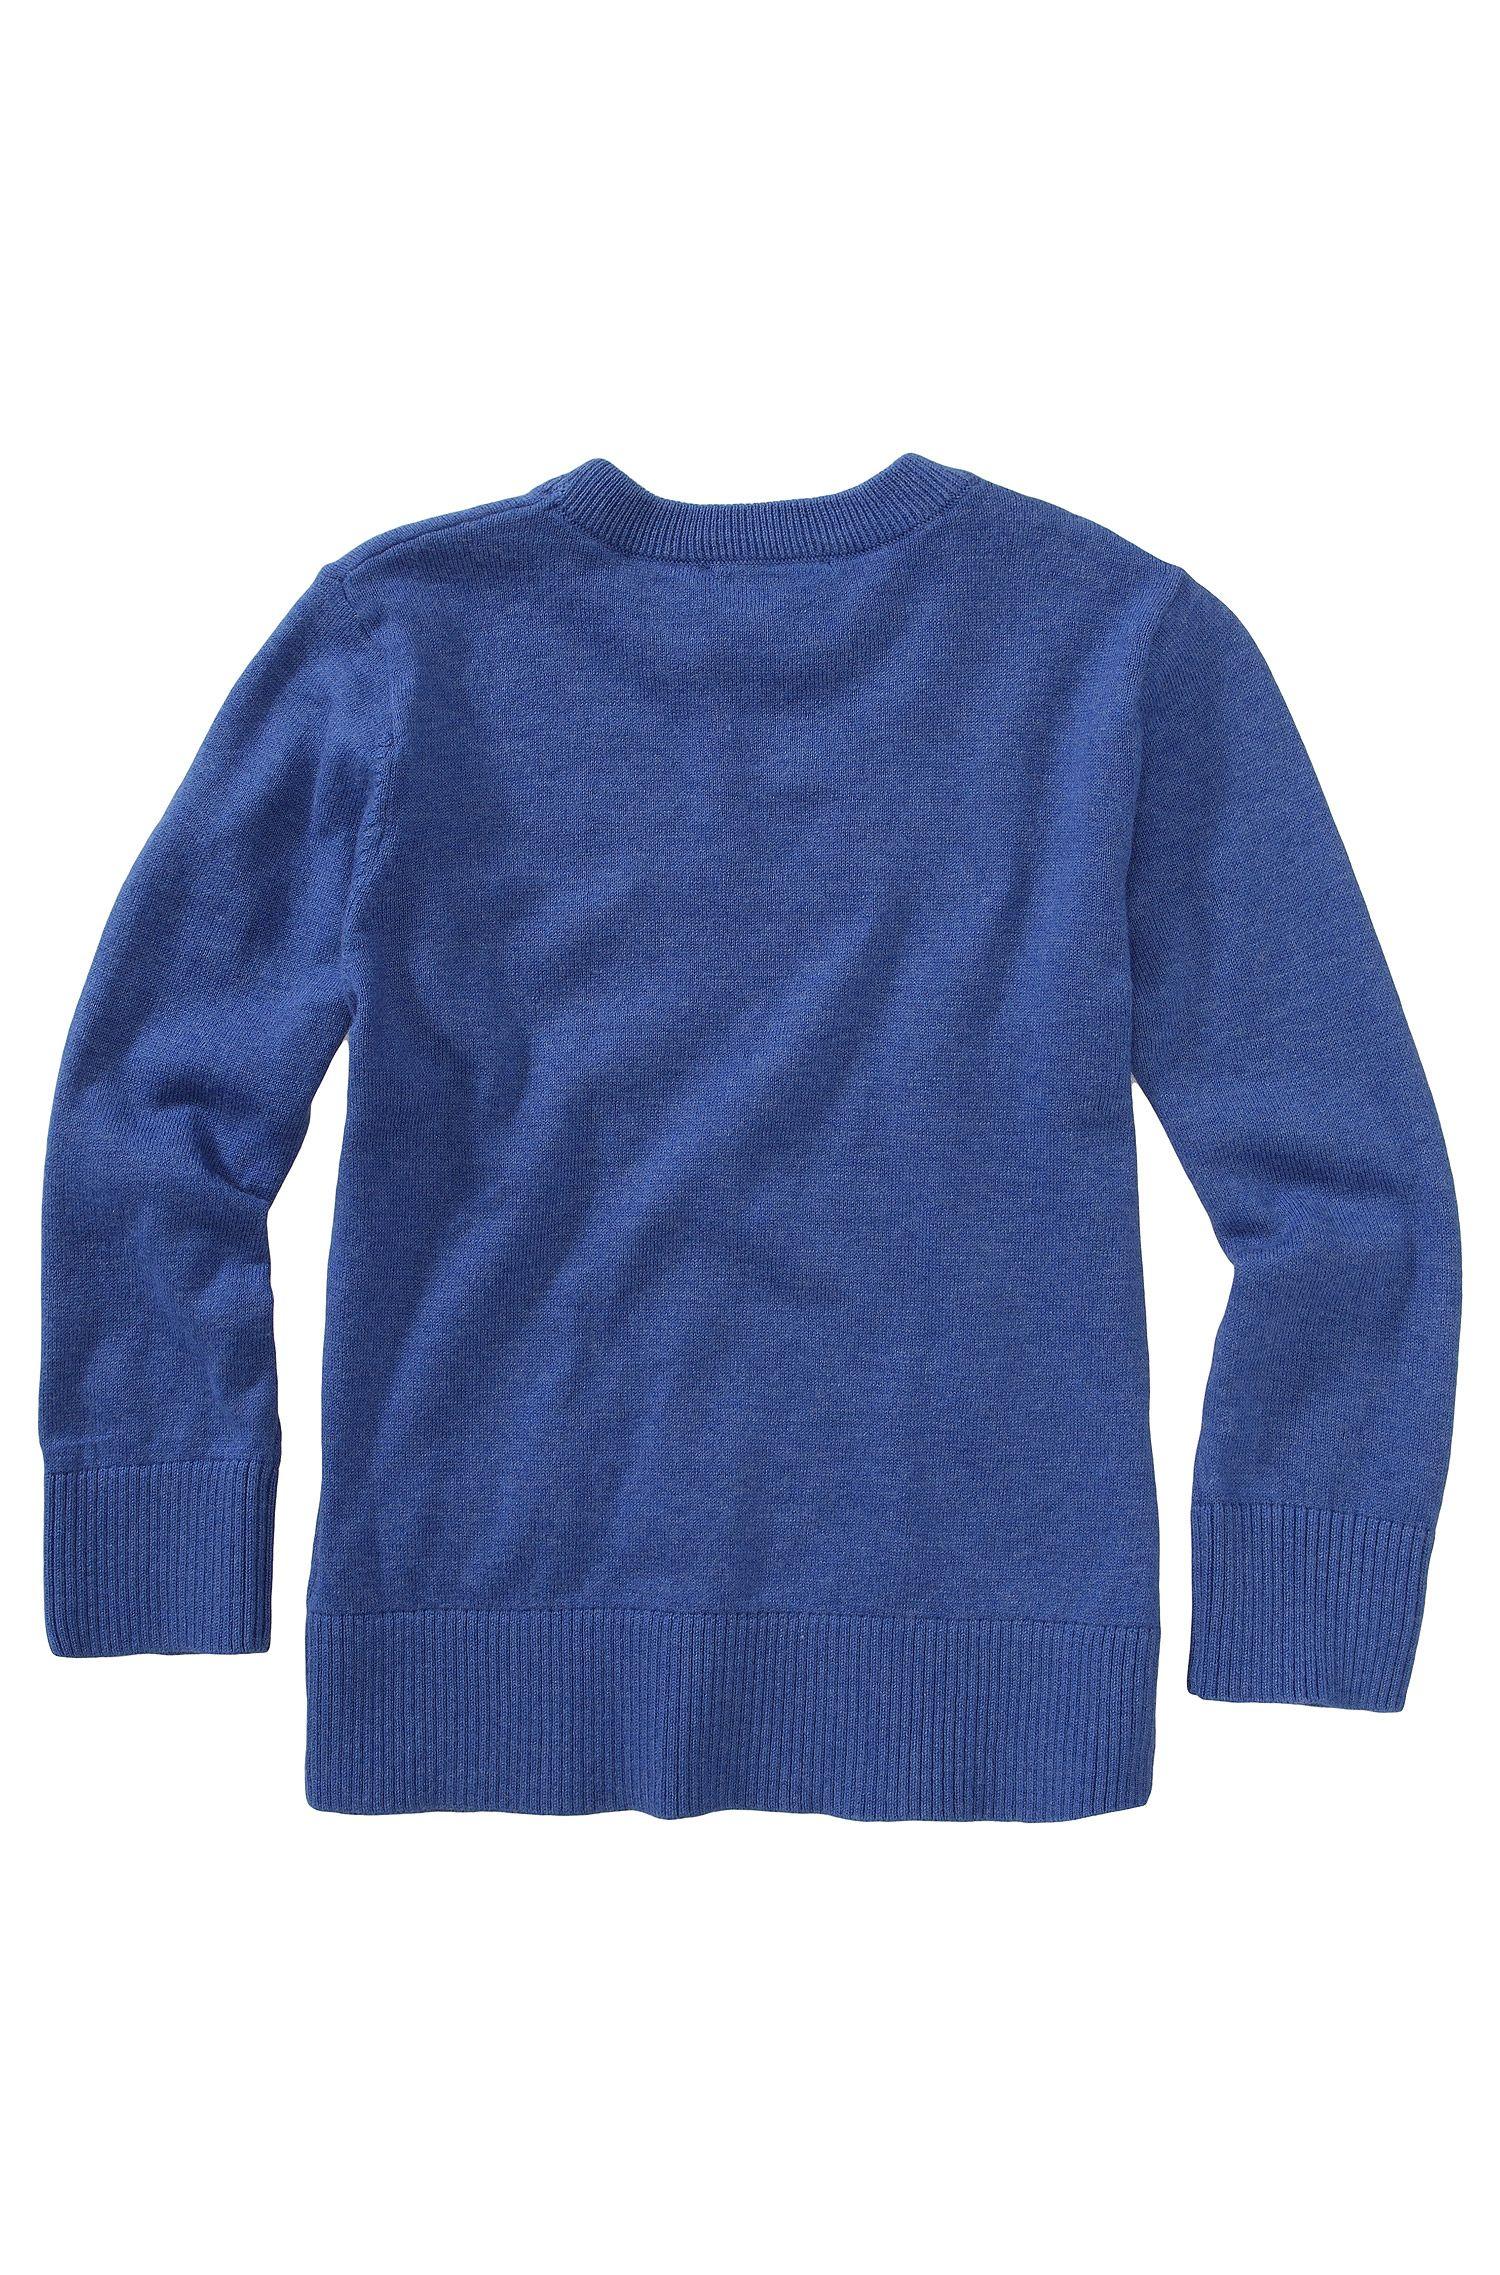 Kids Pullover ´J25550/J36` aus Baumwollkomposition